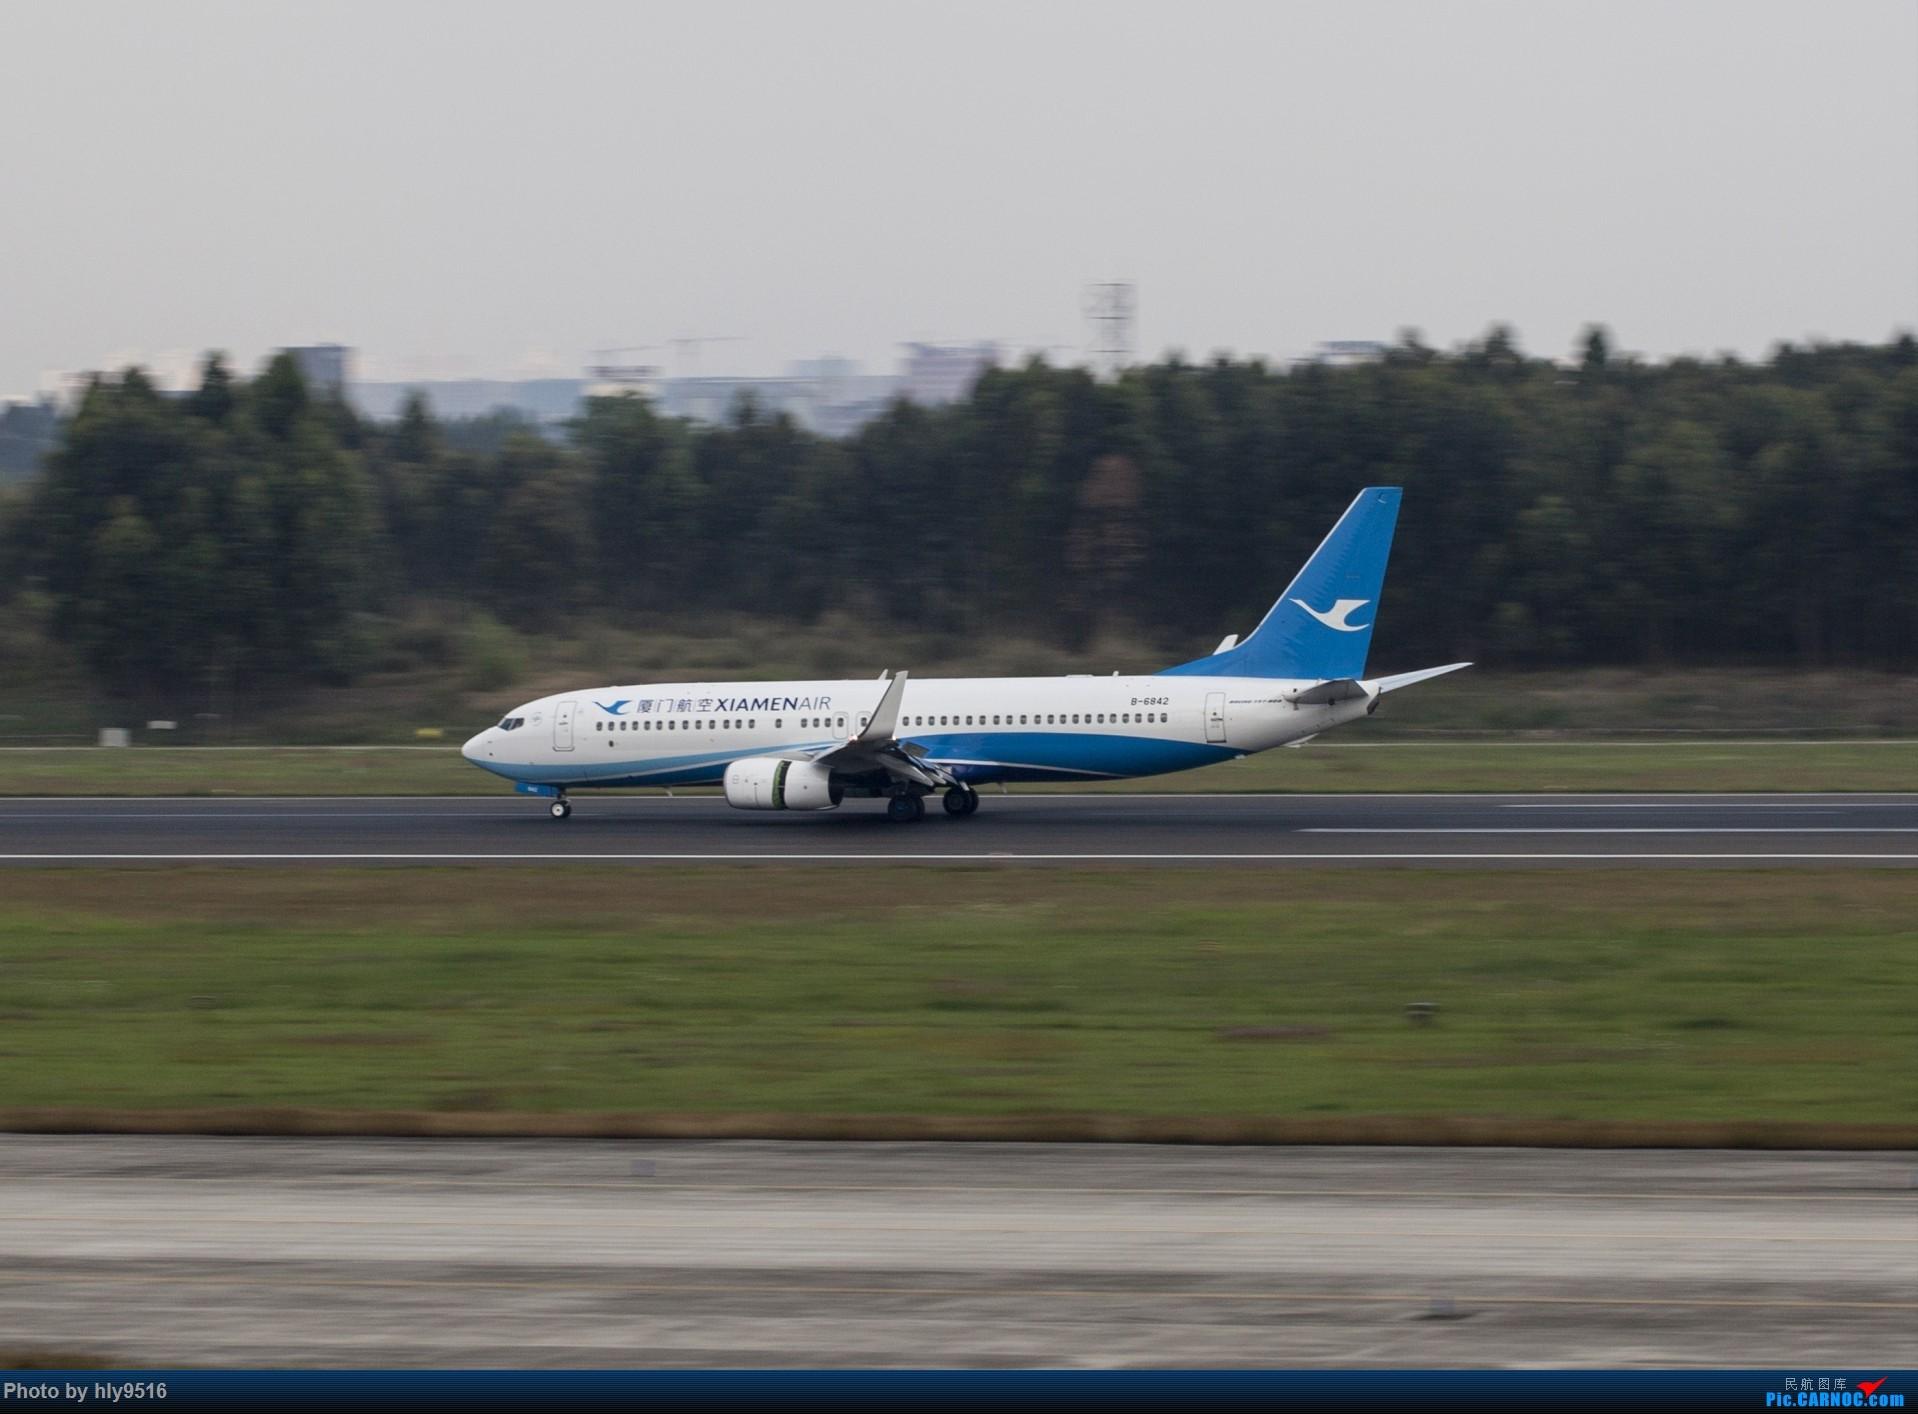 Re:[原创]【CTU】终于解决了大怨念南航A380 偶遇长荣新涂装 两次复飞 小怨念若干 BOEING 737-800 B-6842 中国成都双流国际机场